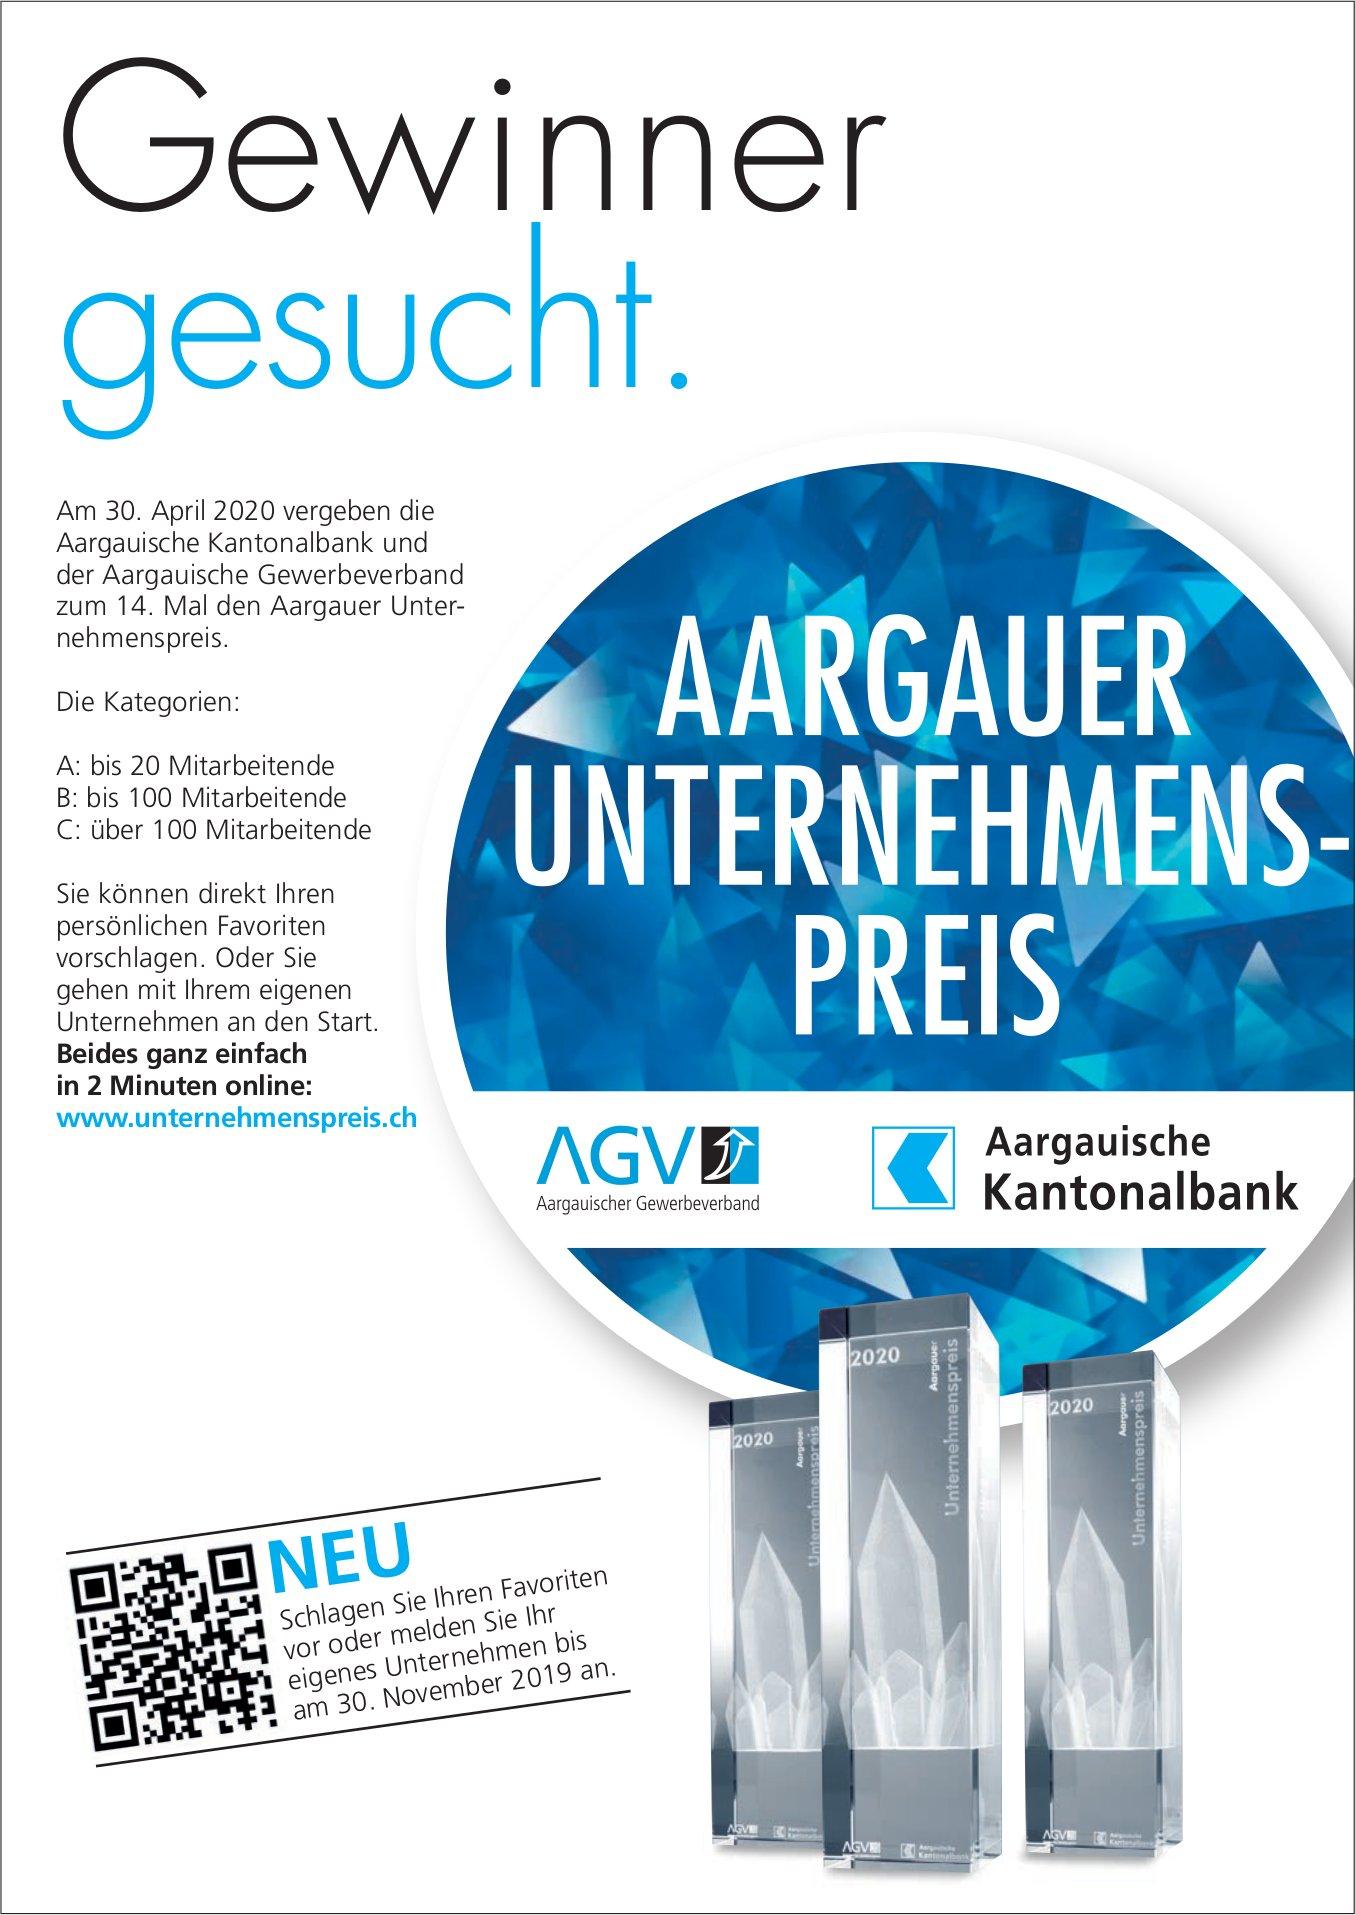 Aargauer Unternehmenspreis - Gewinner gesucht